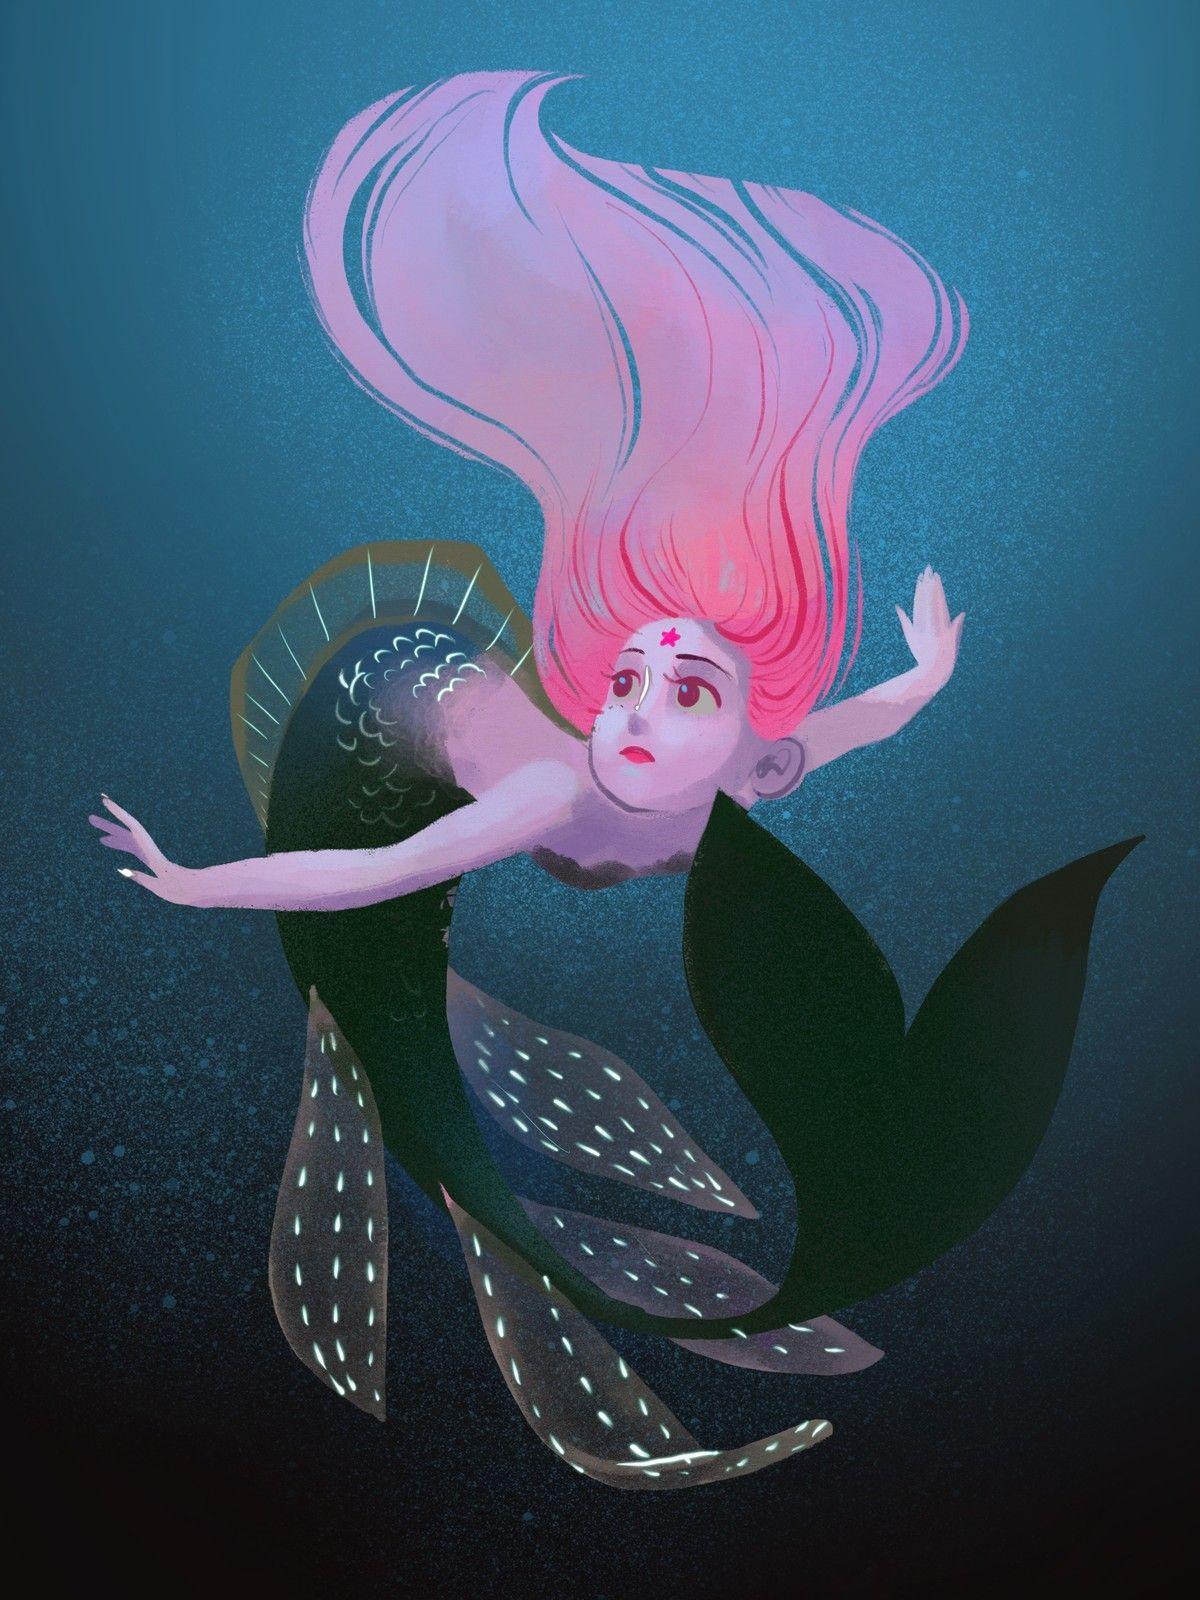 Illustration_Mermaids, Melanie Yu